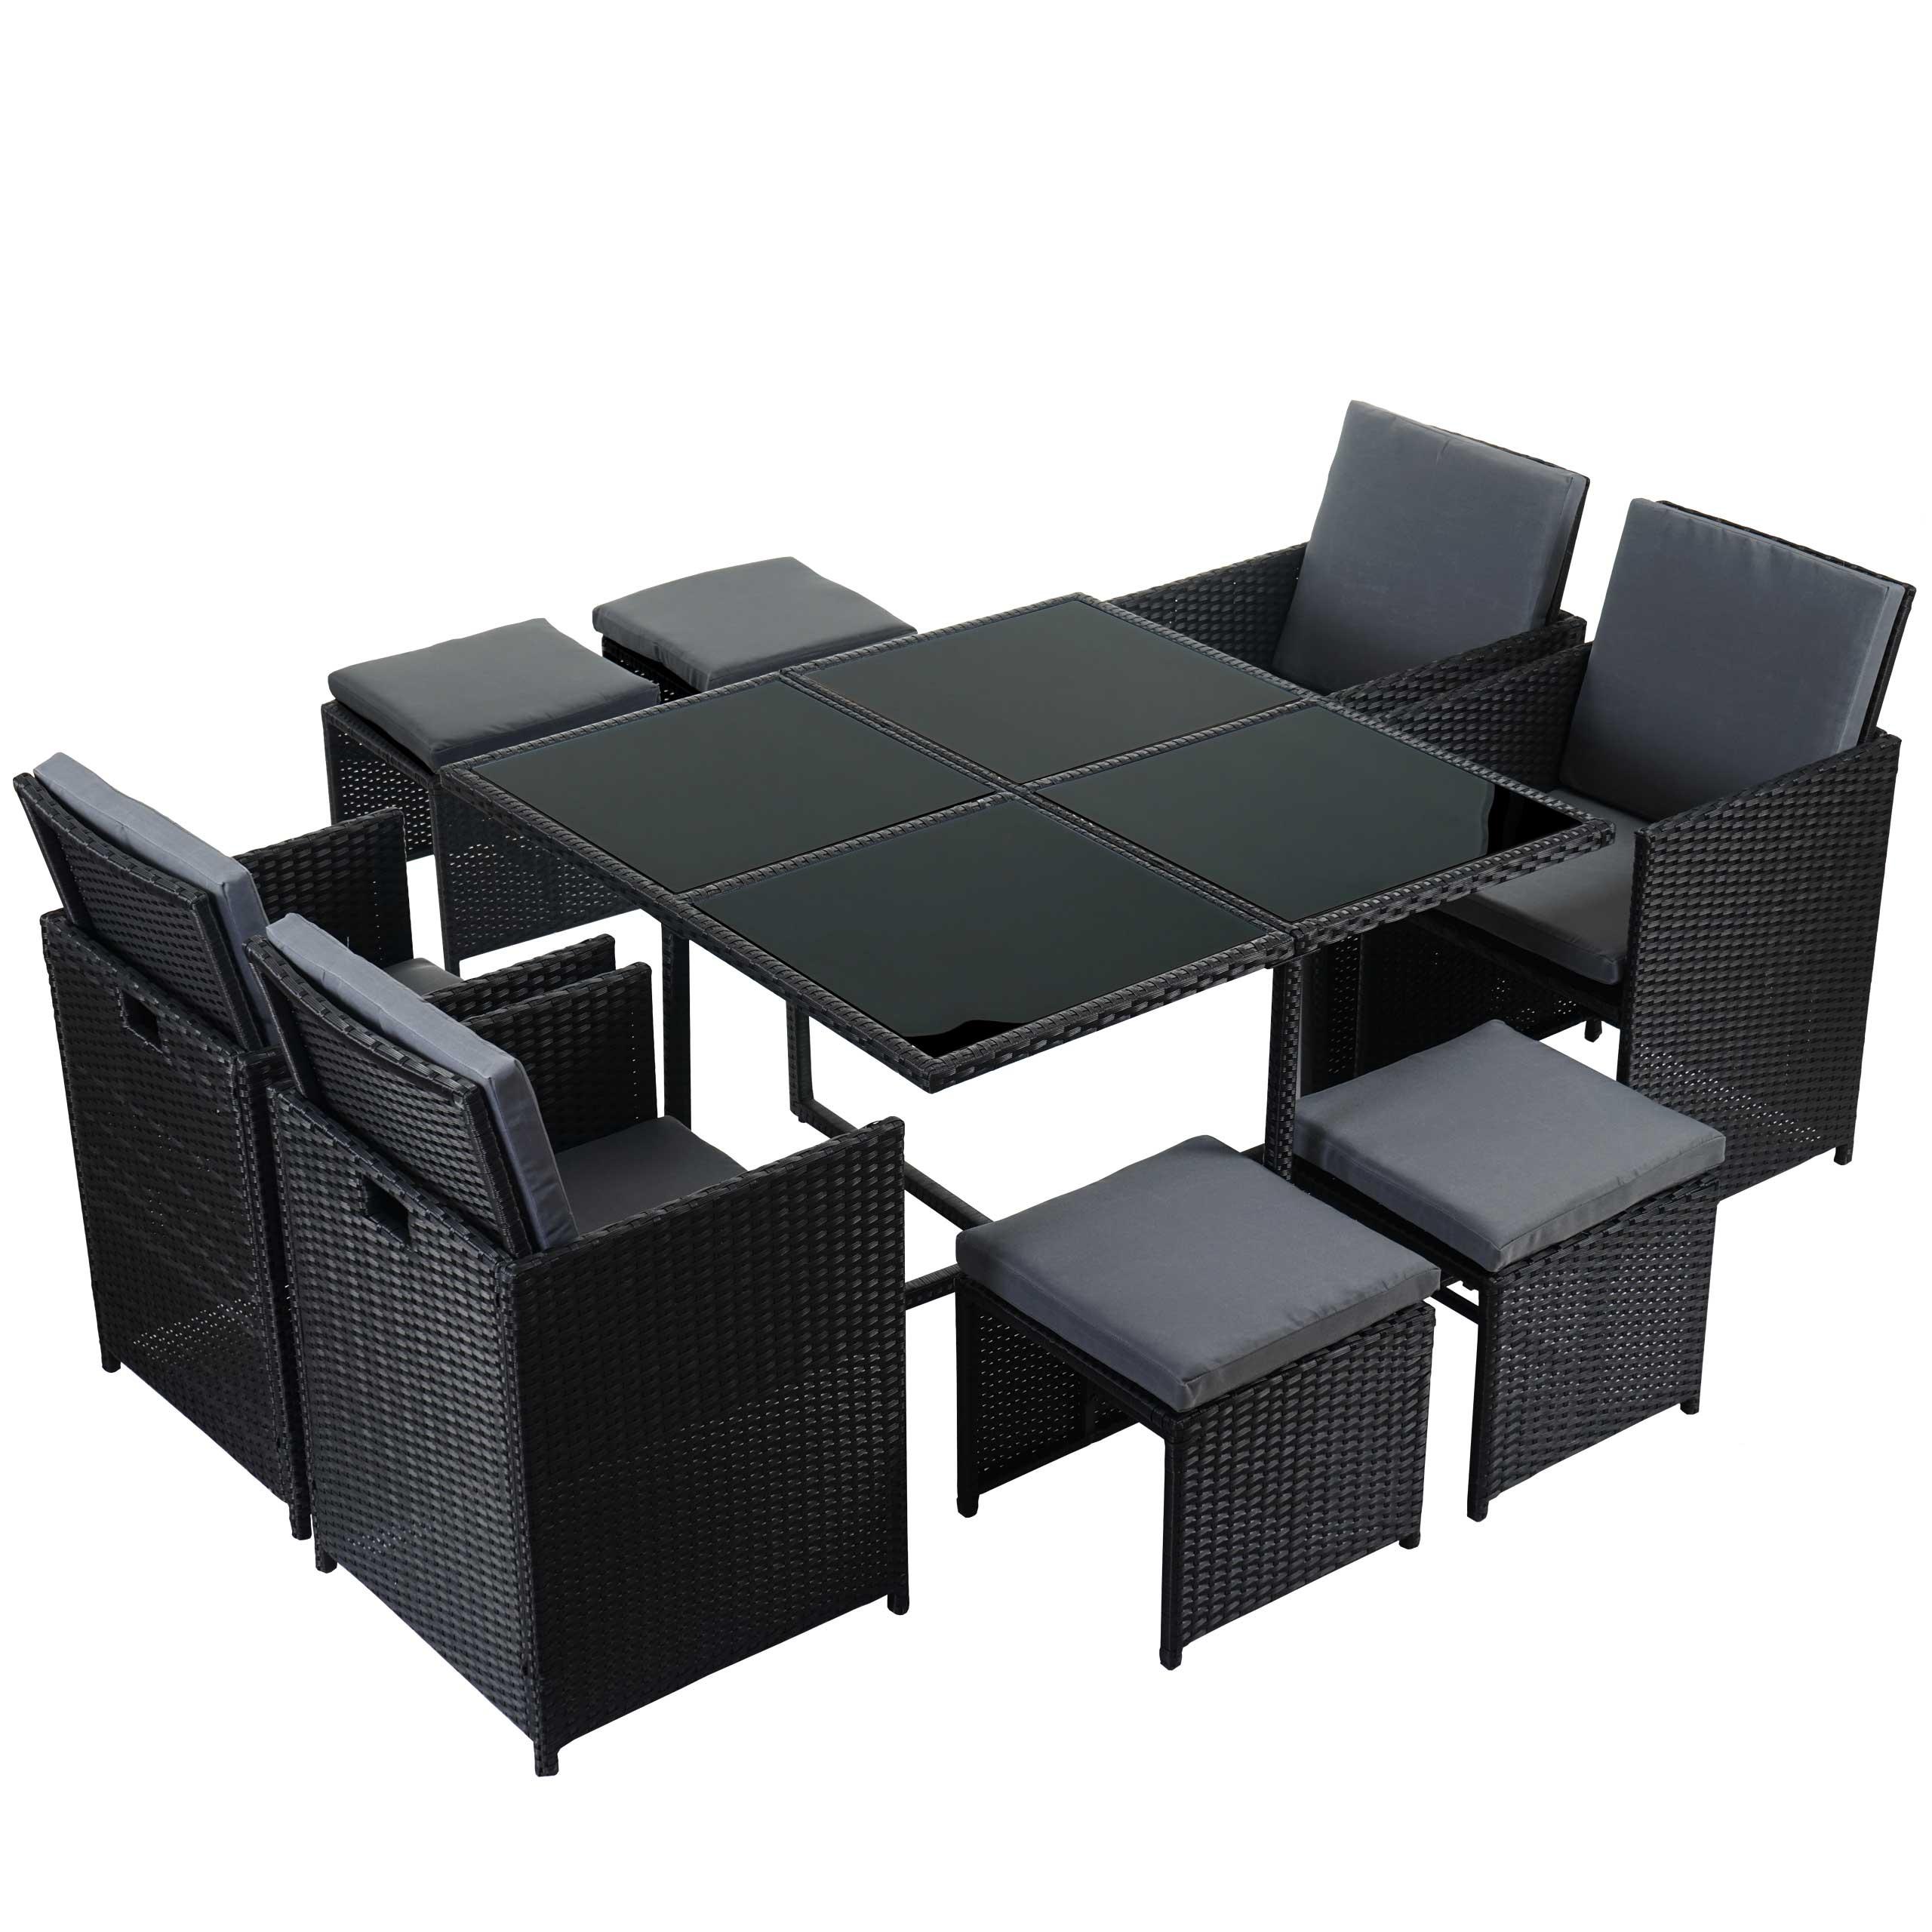 poly-rattan garten-garnitur kreta, lounge-set sitzgruppe schwarz, Garten und Bauen